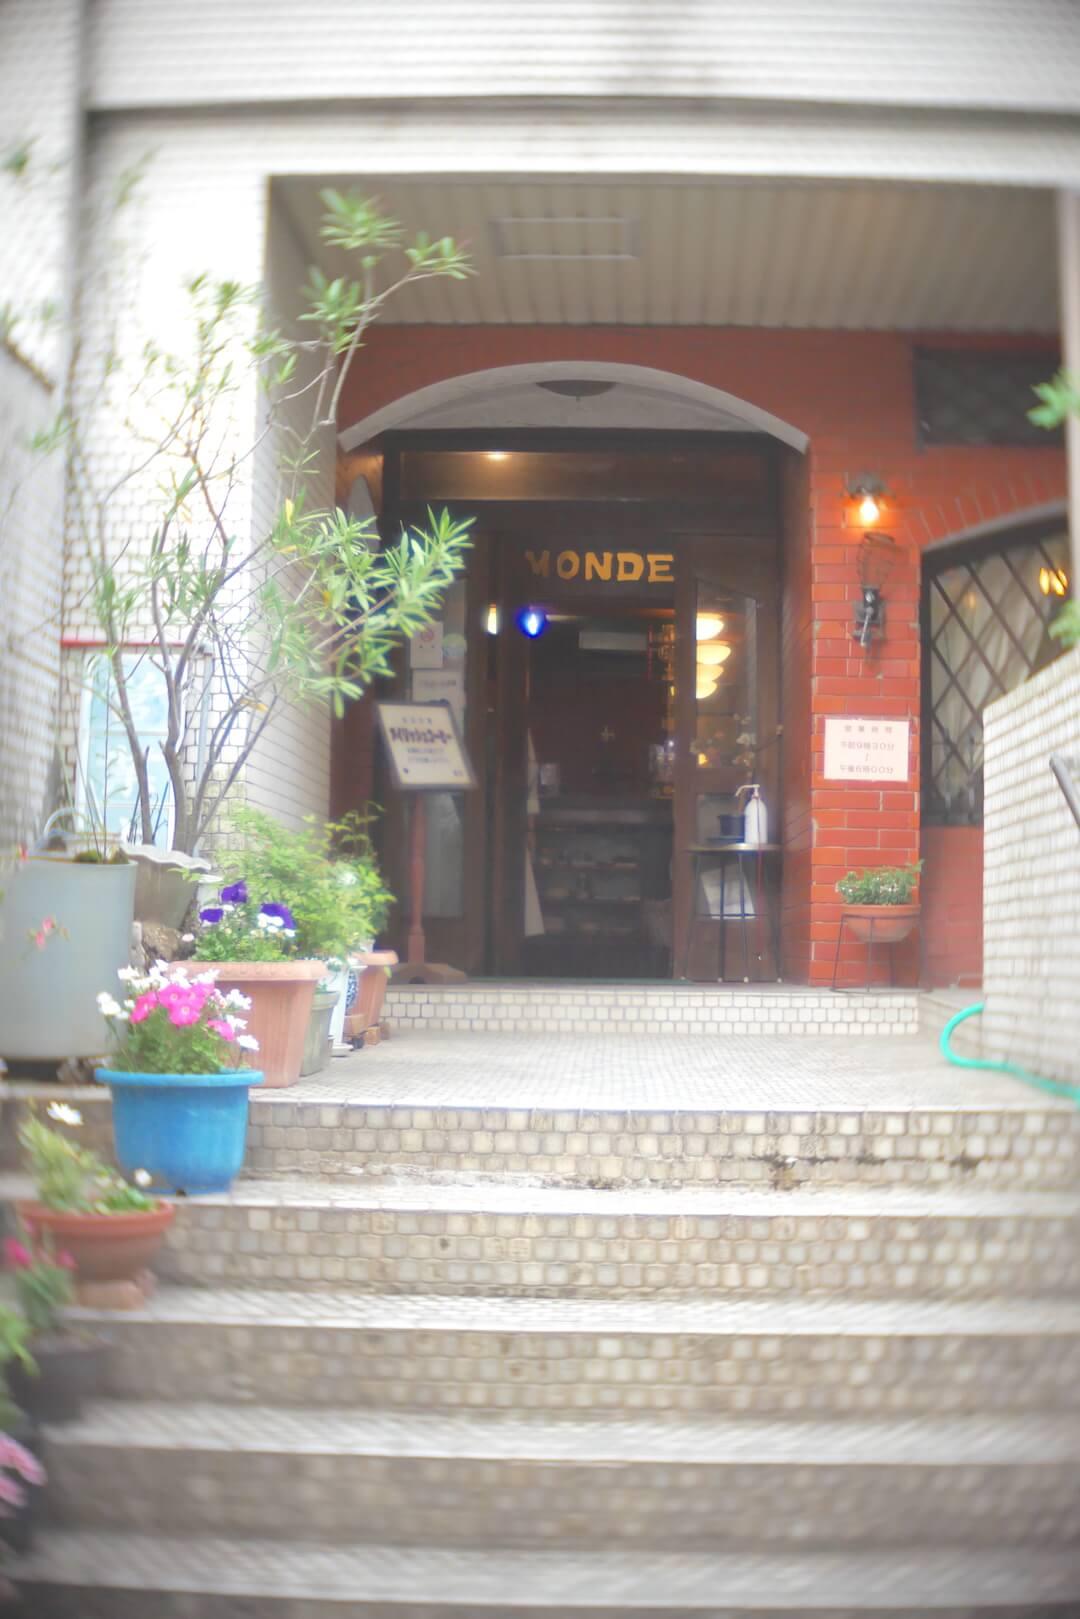 【岐阜市】ル・モンド 岐阜カフェ 純喫茶 コーヒー アンティーク エモい